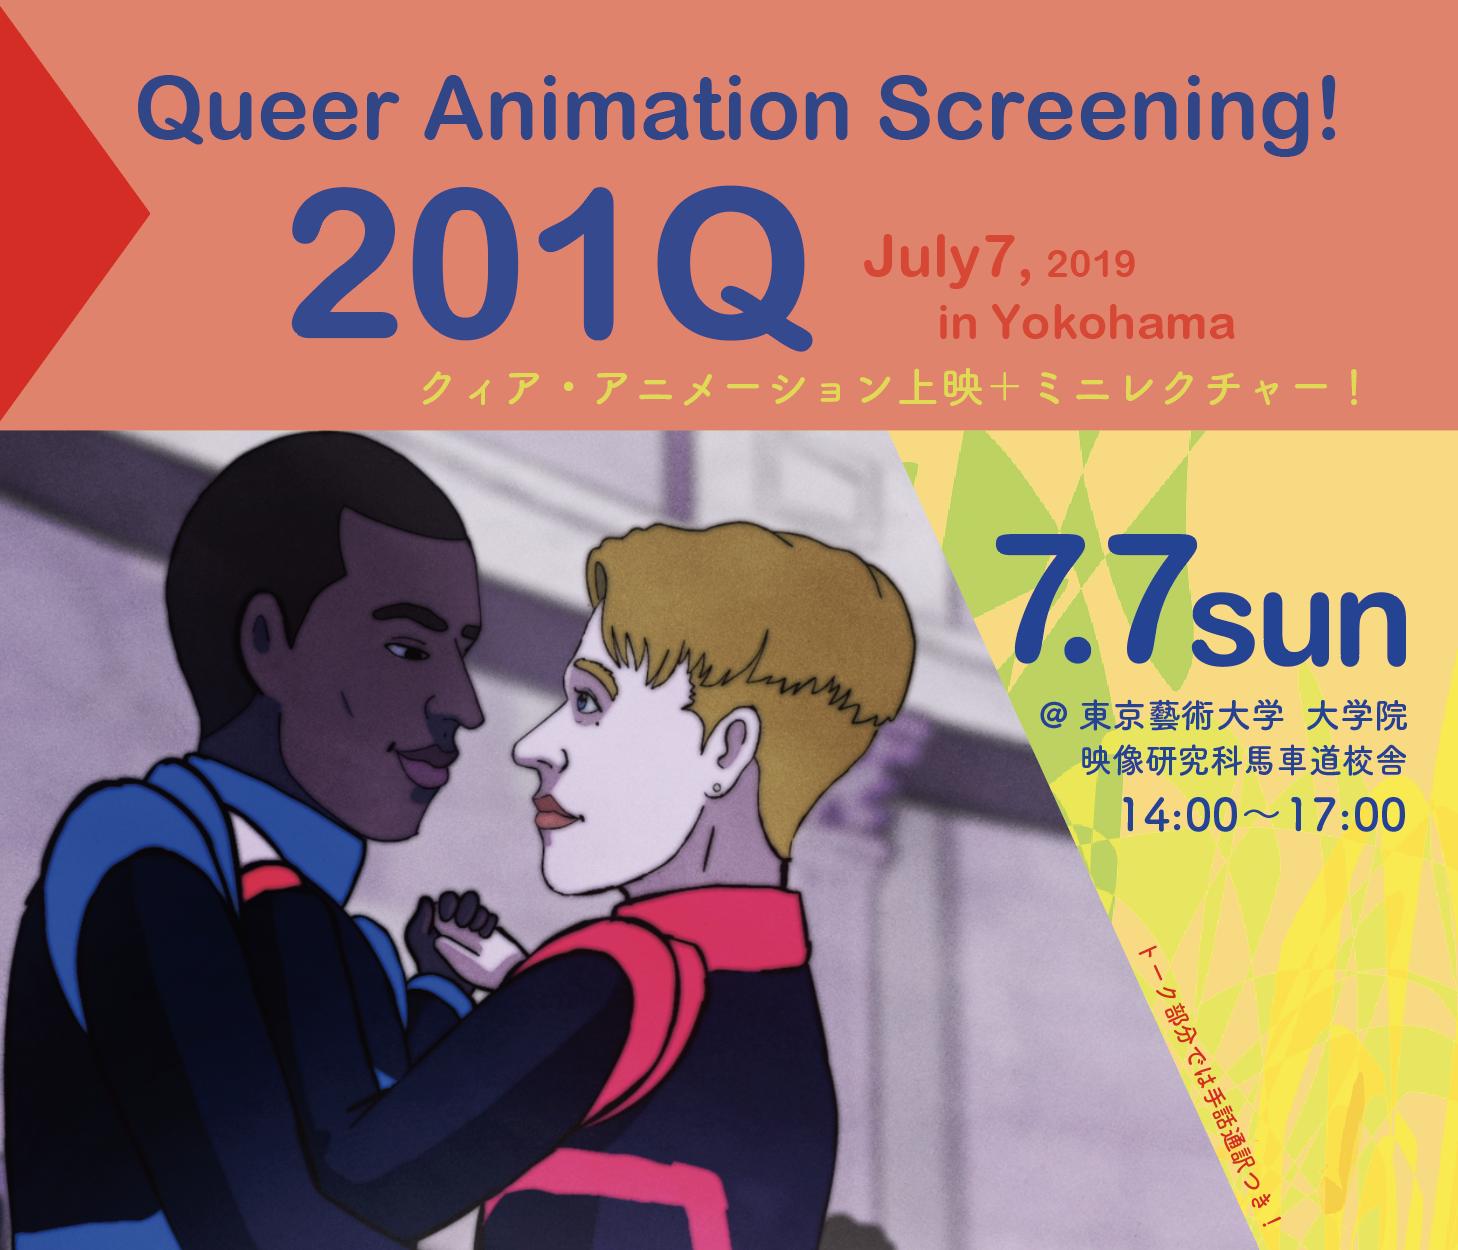 【7/7開催】Queer Animation Screening!  201Q クィア・アニメーション上映+ミニレクチャー